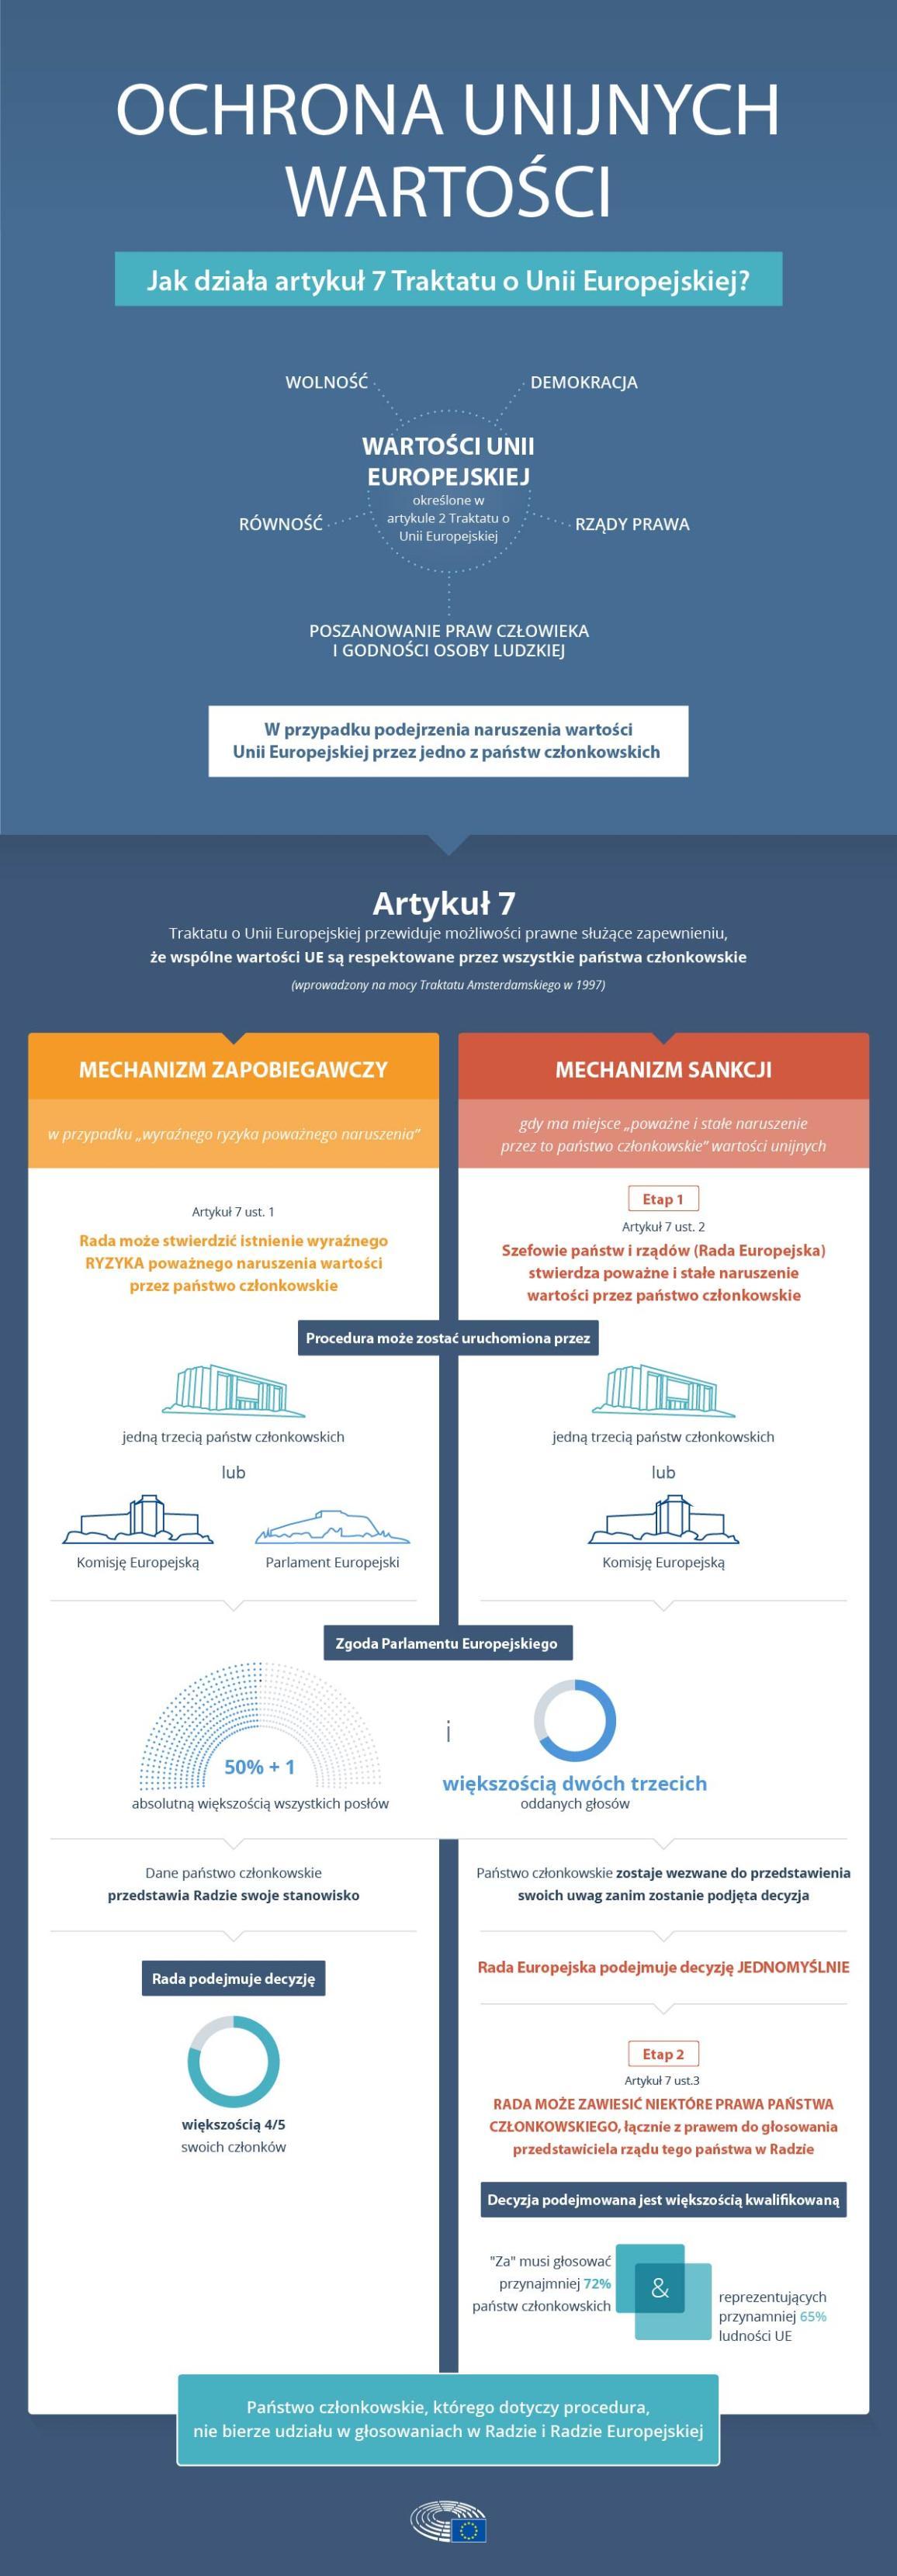 Artykuł 7: Procedura ochrony unijnych wartości (infografika)